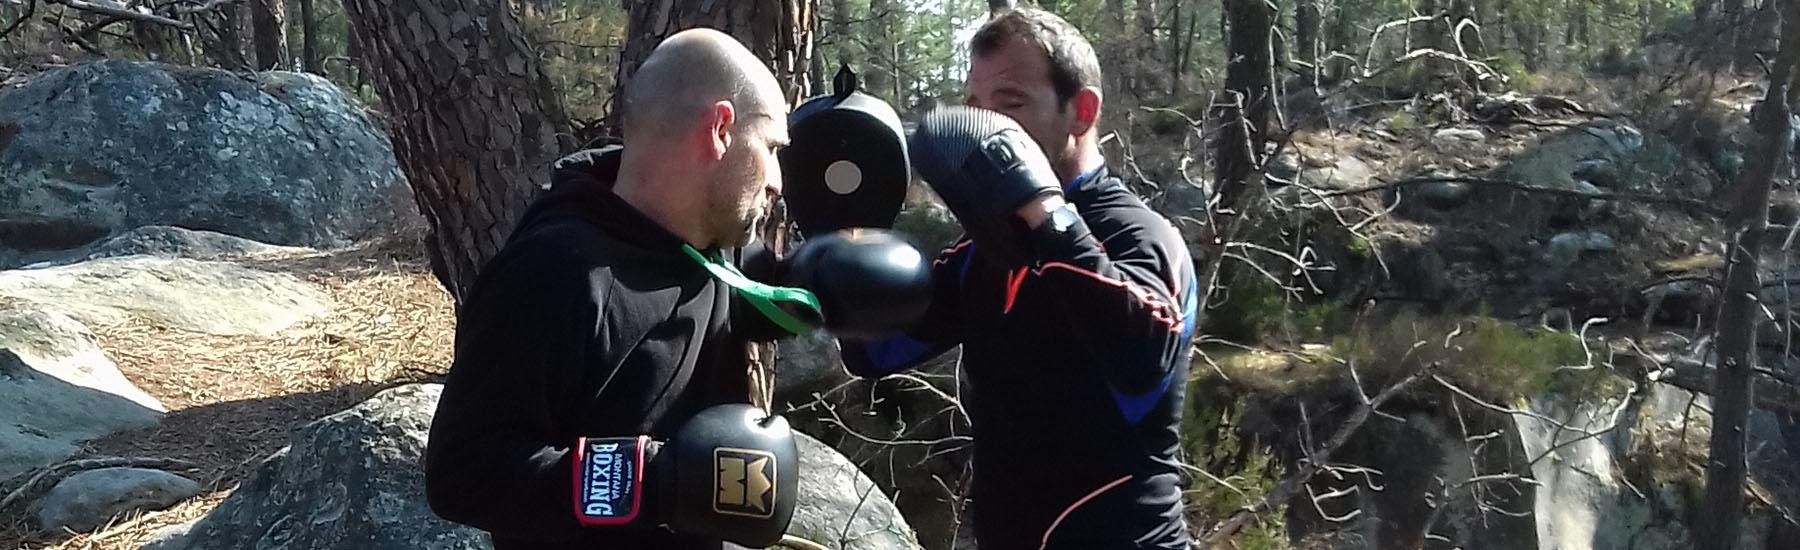 Cours de boxe à votre niveau